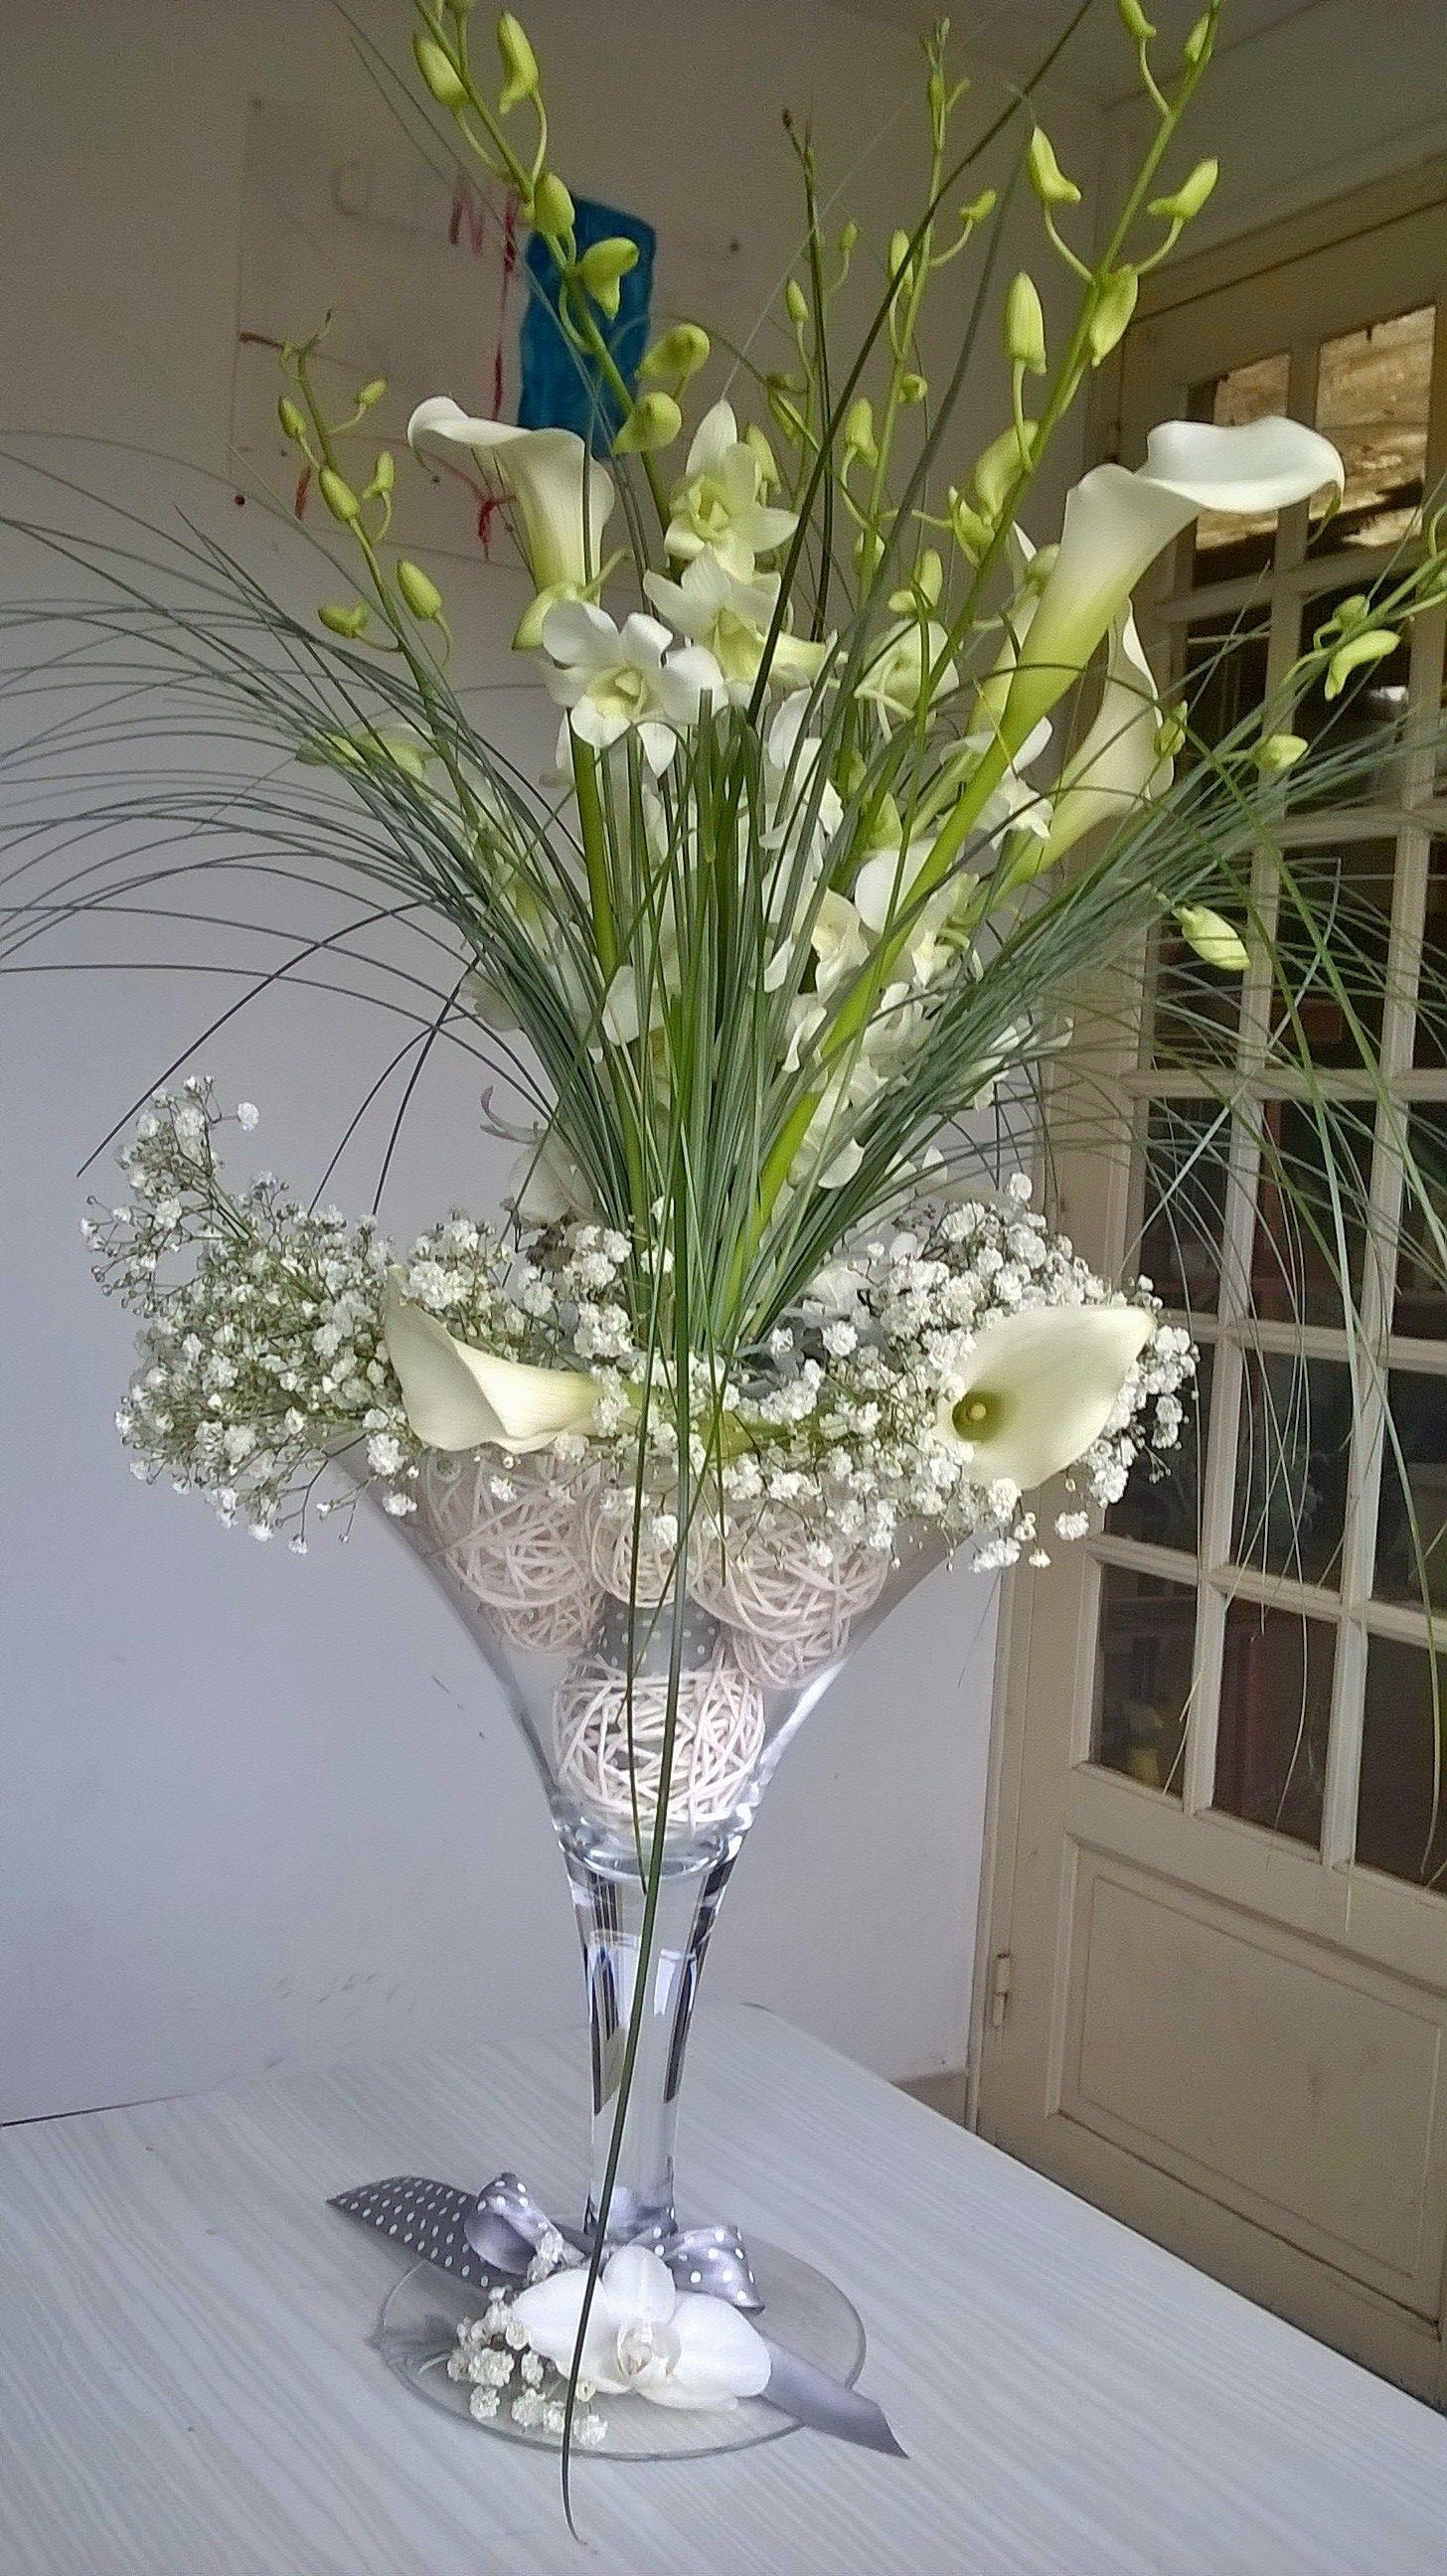 D coration de table dans un vase martini pour mariage - Decoration de vase pour mariage ...